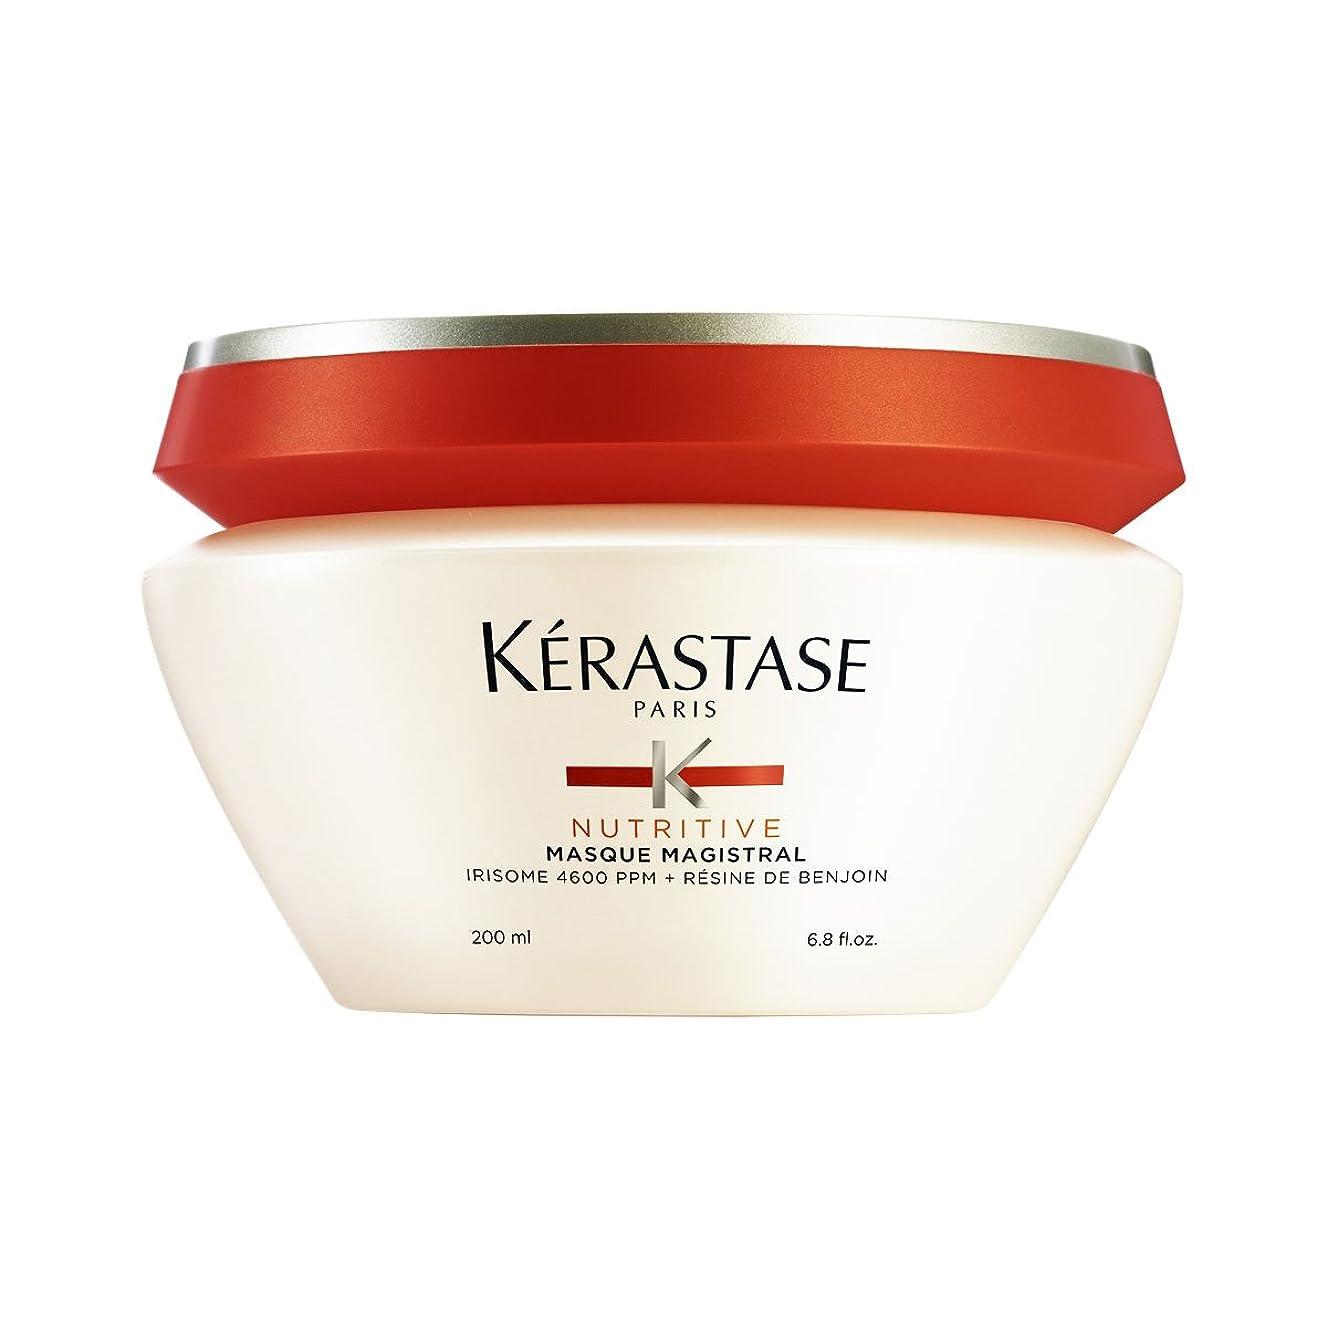 豊かにする韓国トリップK駻astase Nutritive Masque Magistral Hair Mask 200ml [並行輸入品]